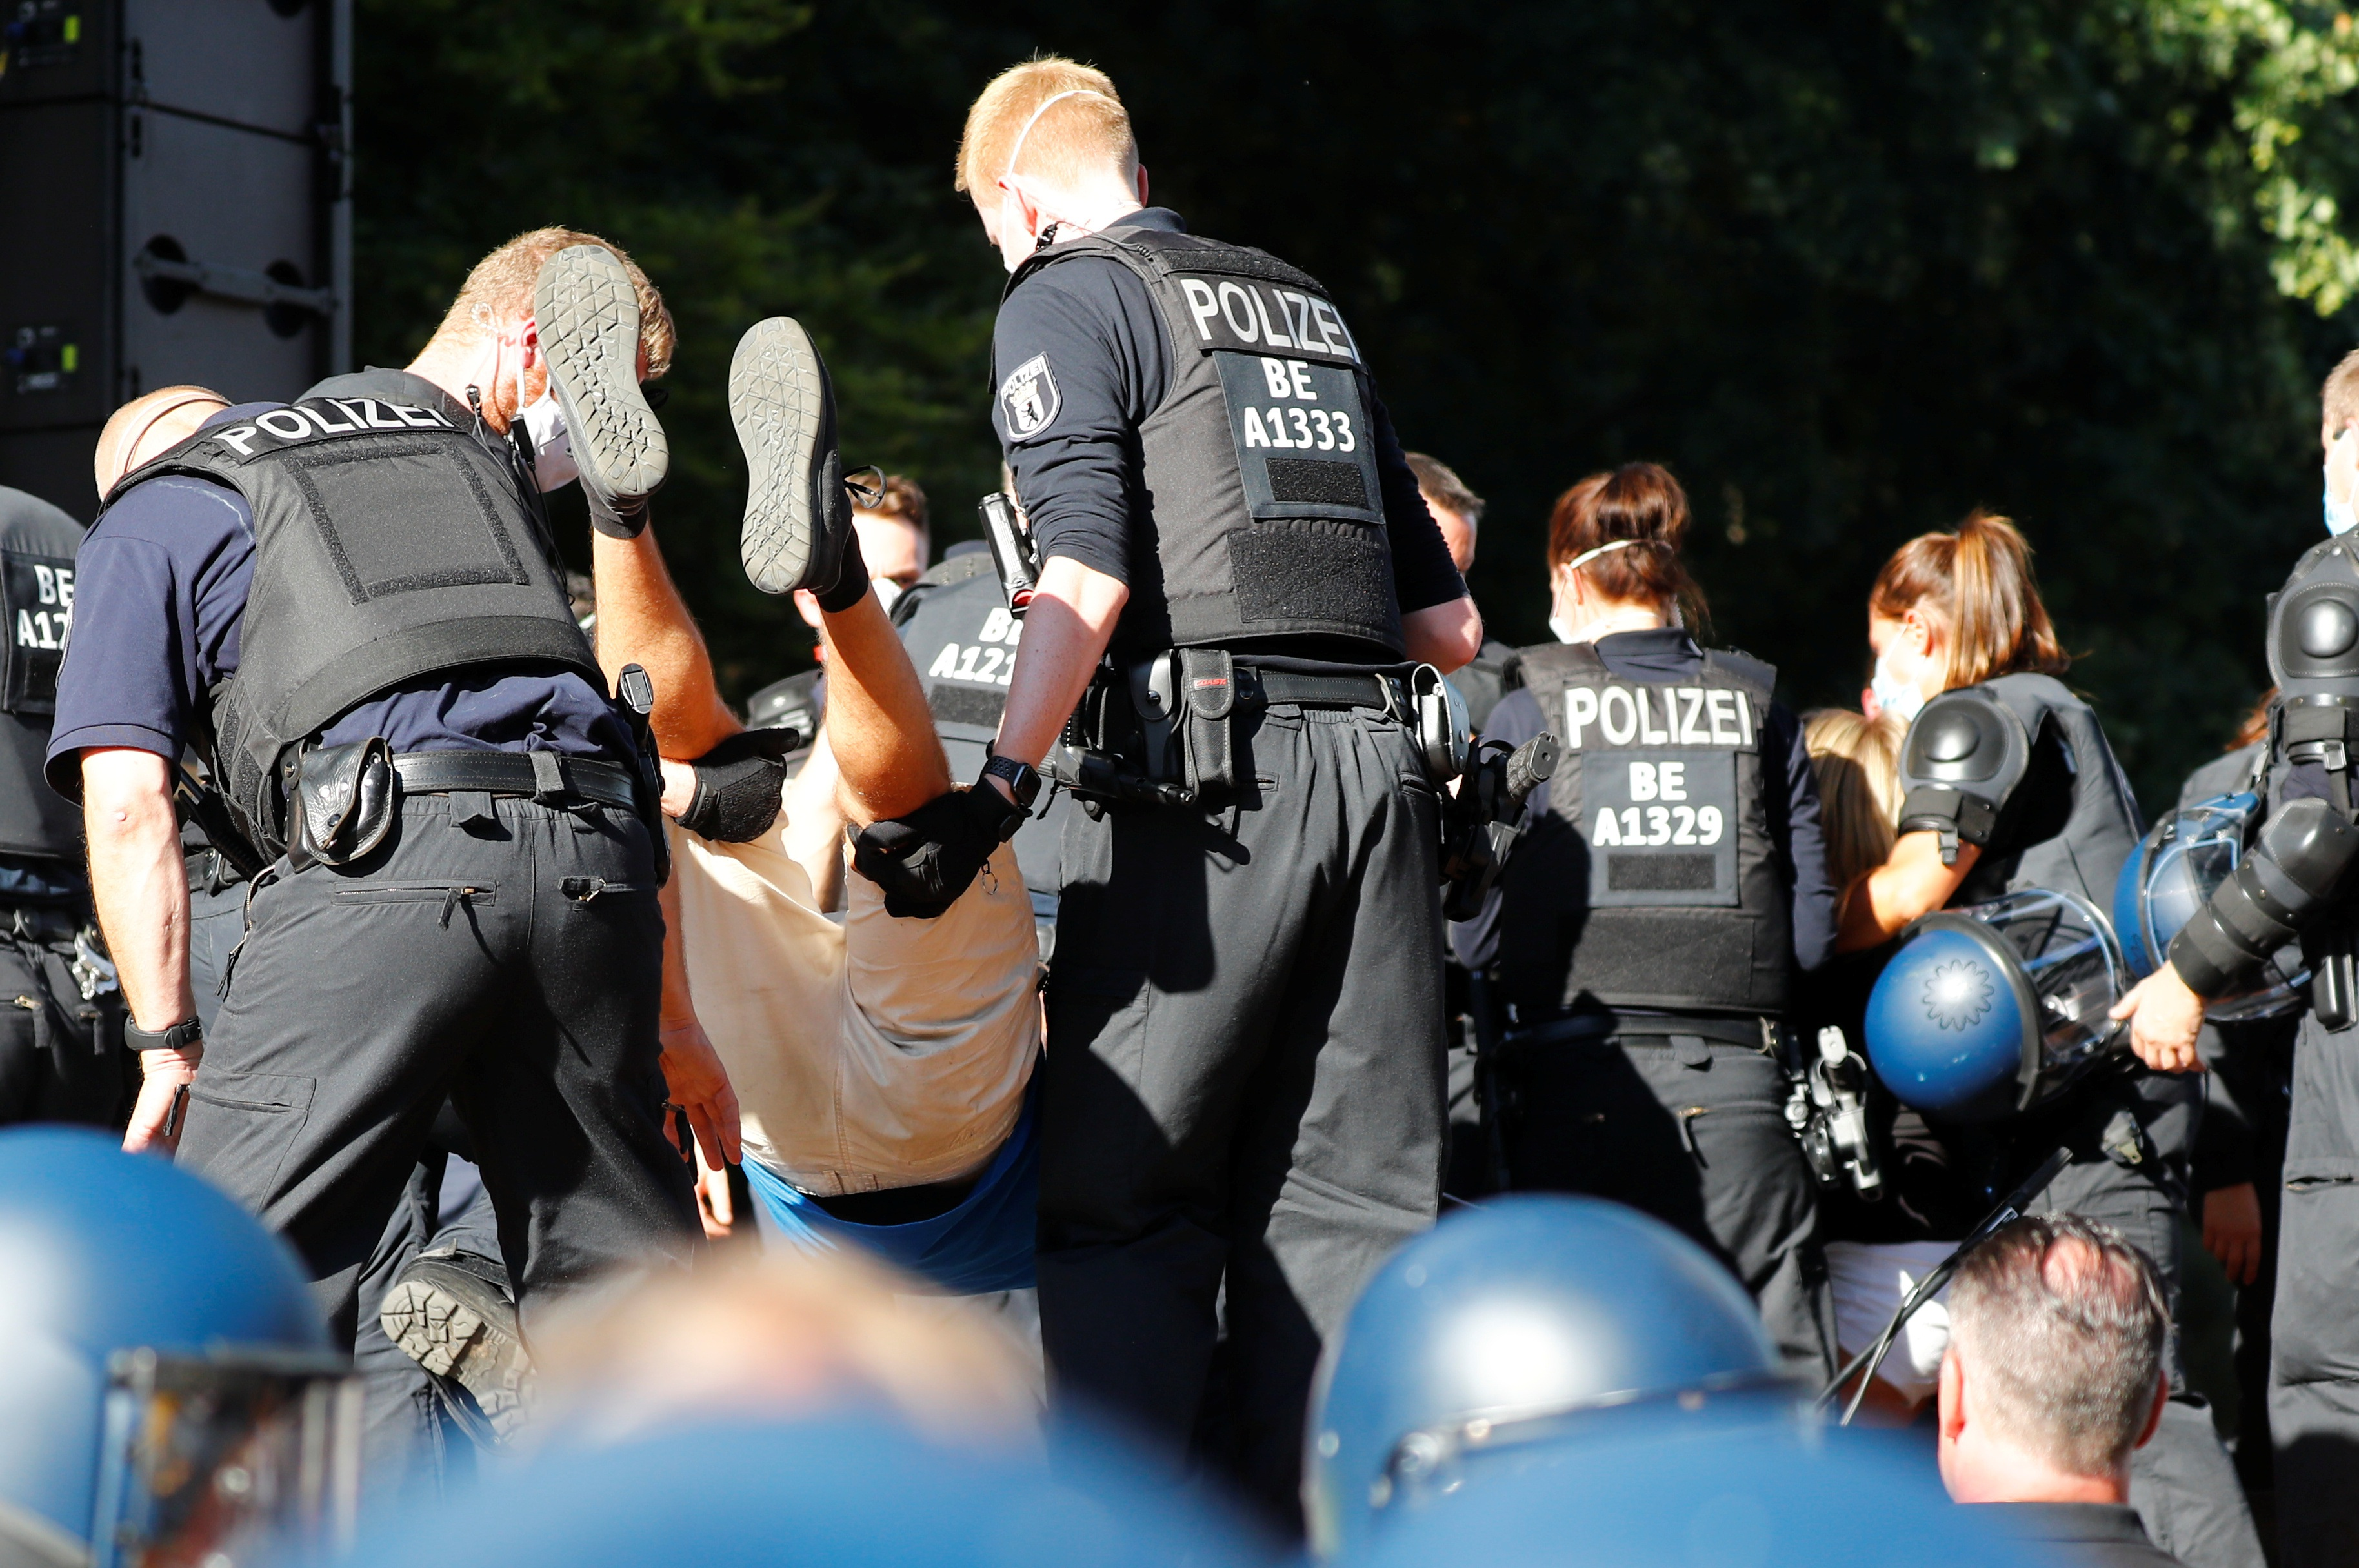 45 cảnh sát Đức bị thương trong biểu tình phản đối biện pháp chống Covid-19 - 11